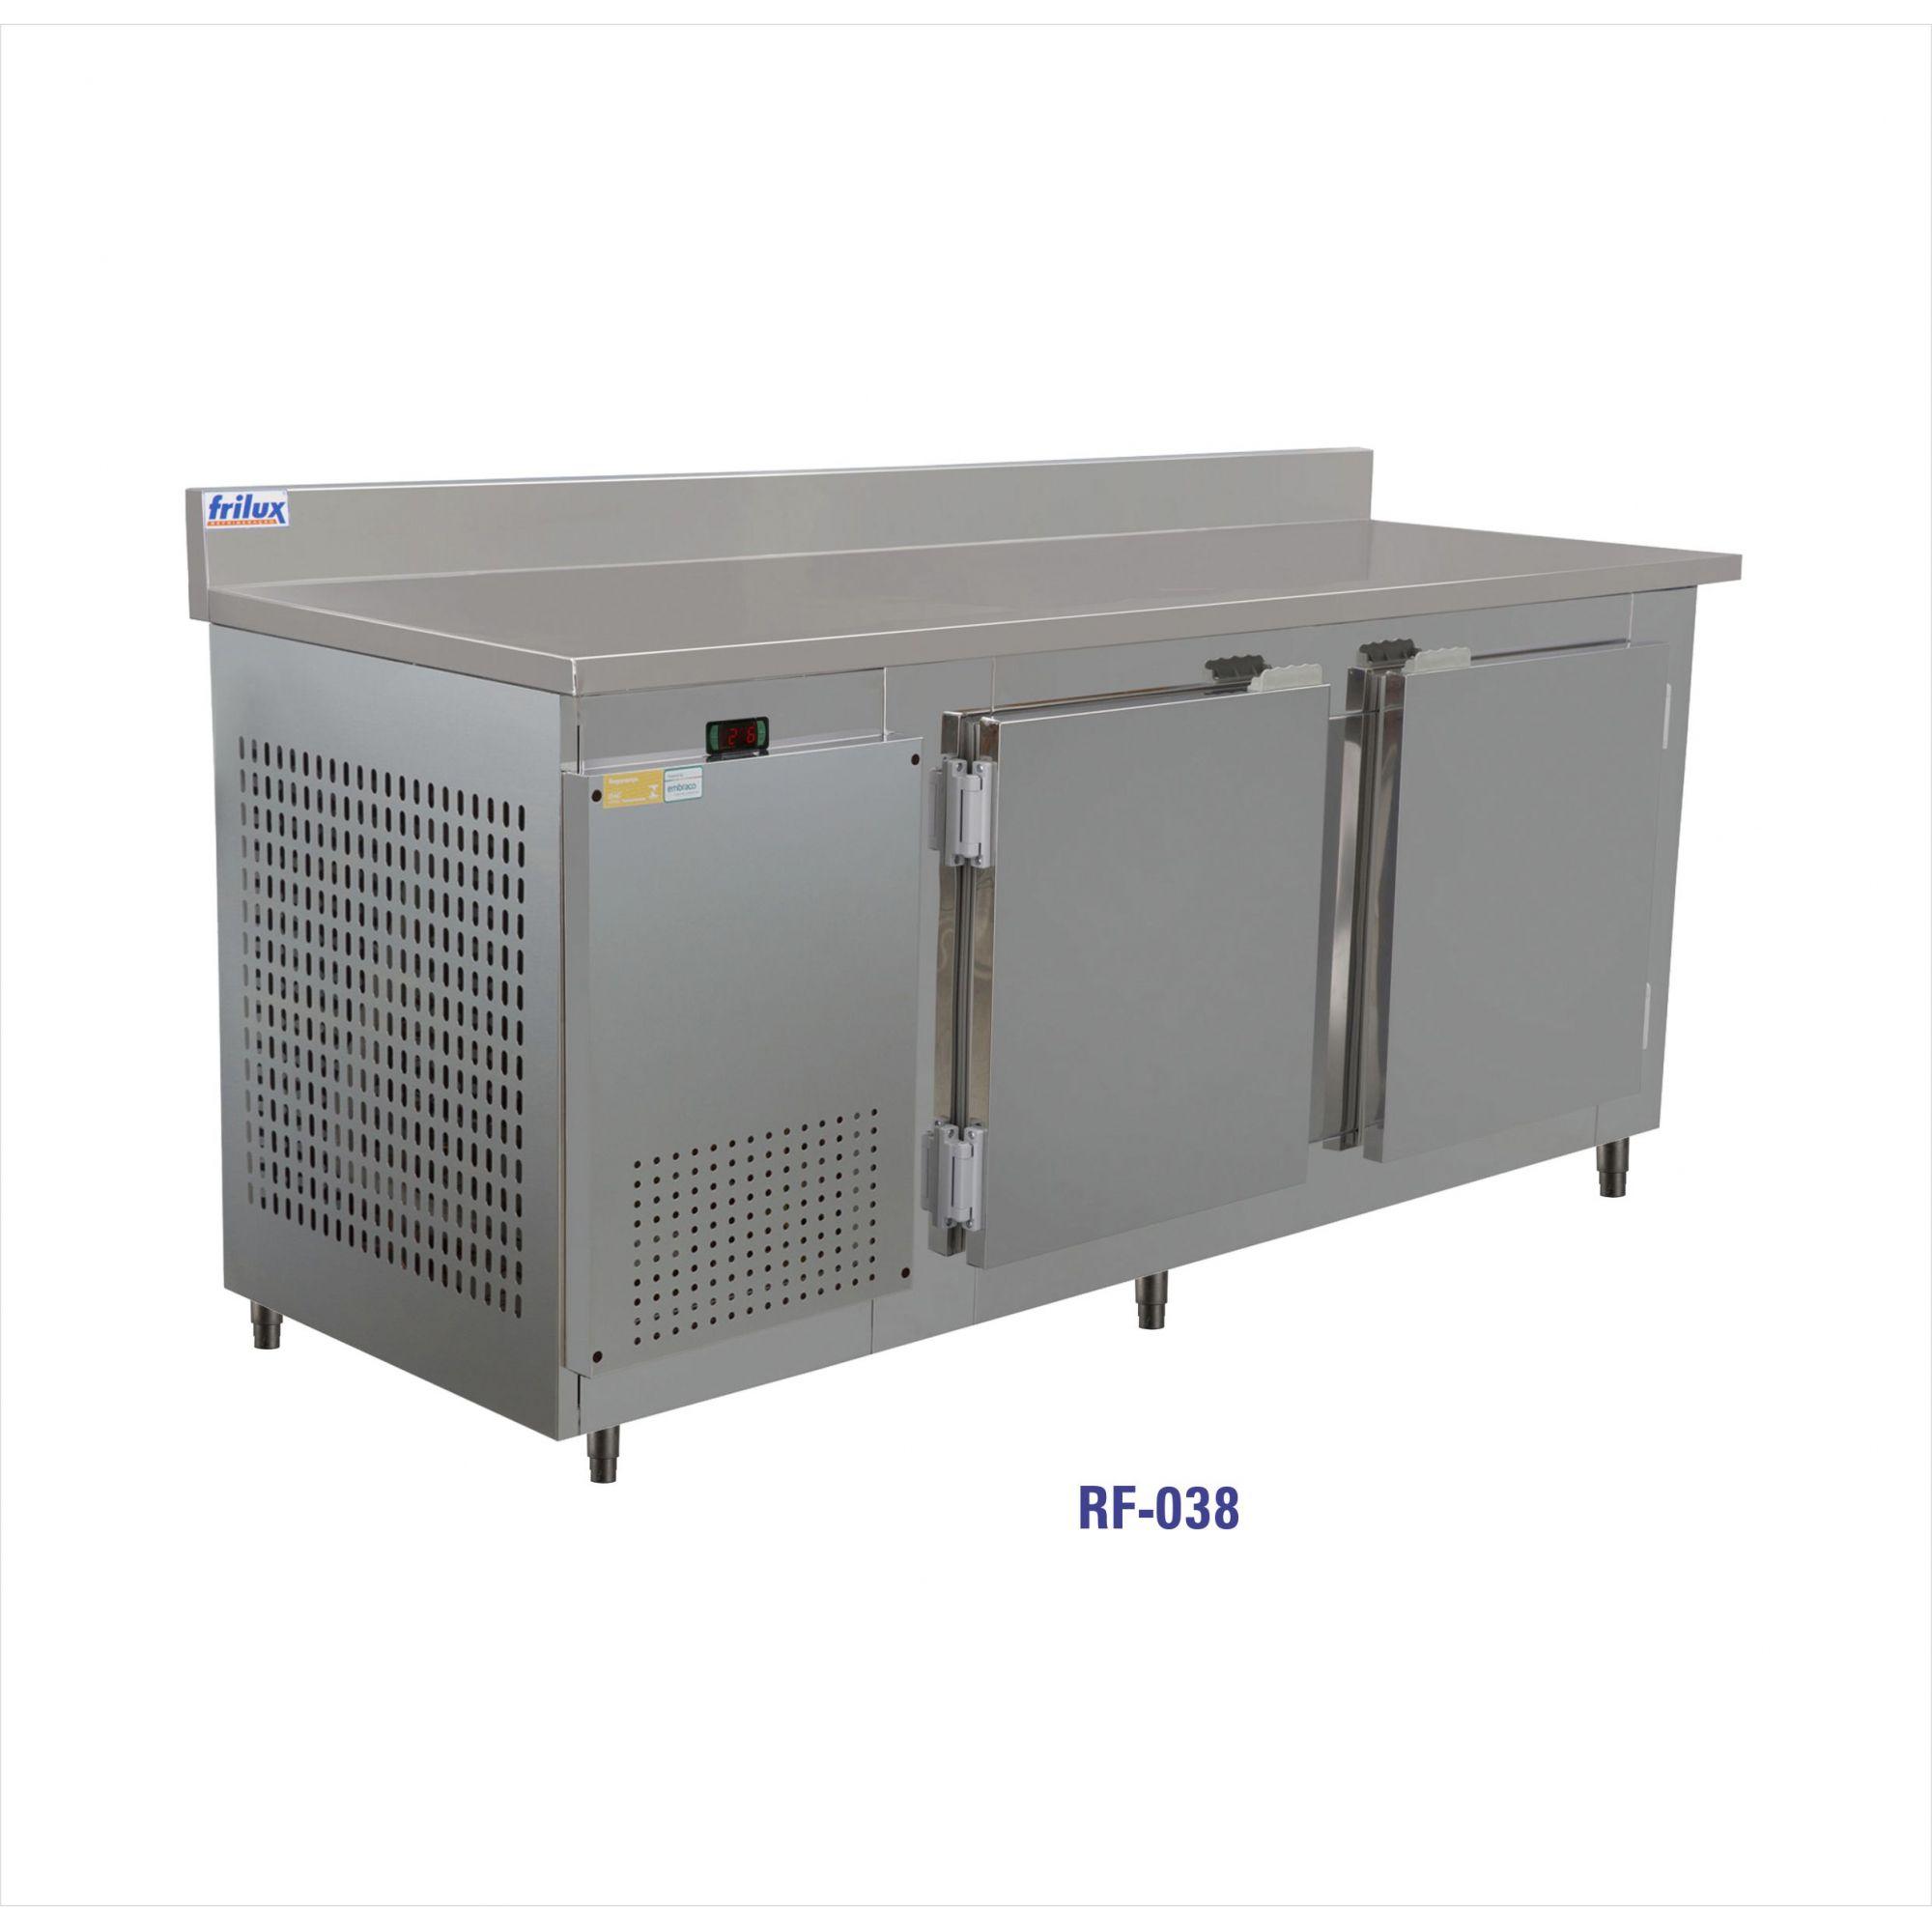 balcão de serviço refrigerado inox 1,90 mts rf 038-frilux